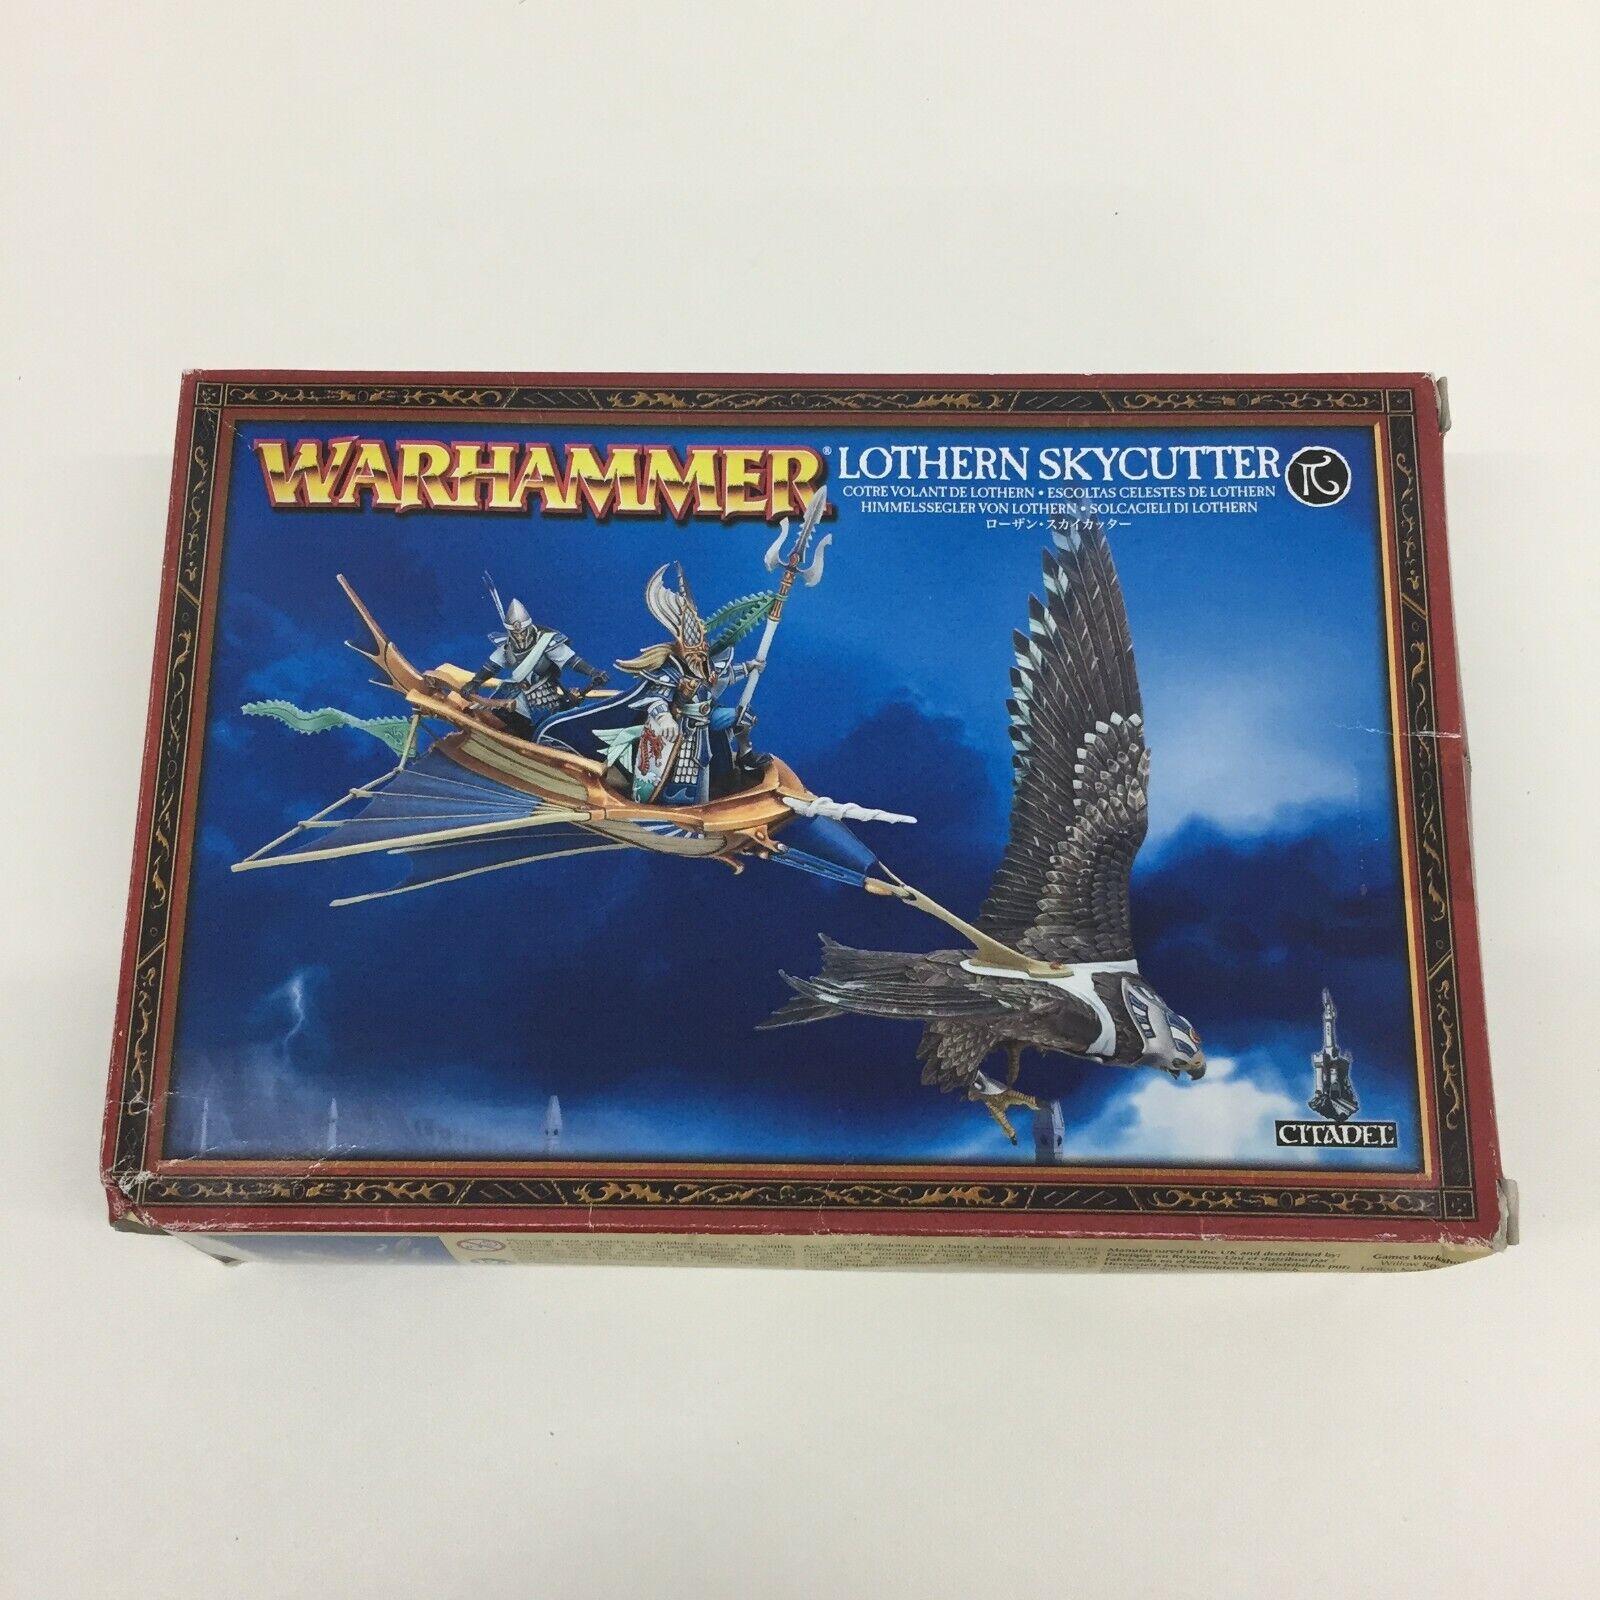 Warhammer Edad de Sigmar Alto Elfo Lothern Skycutter Aos Fantasía Nuevo Oop